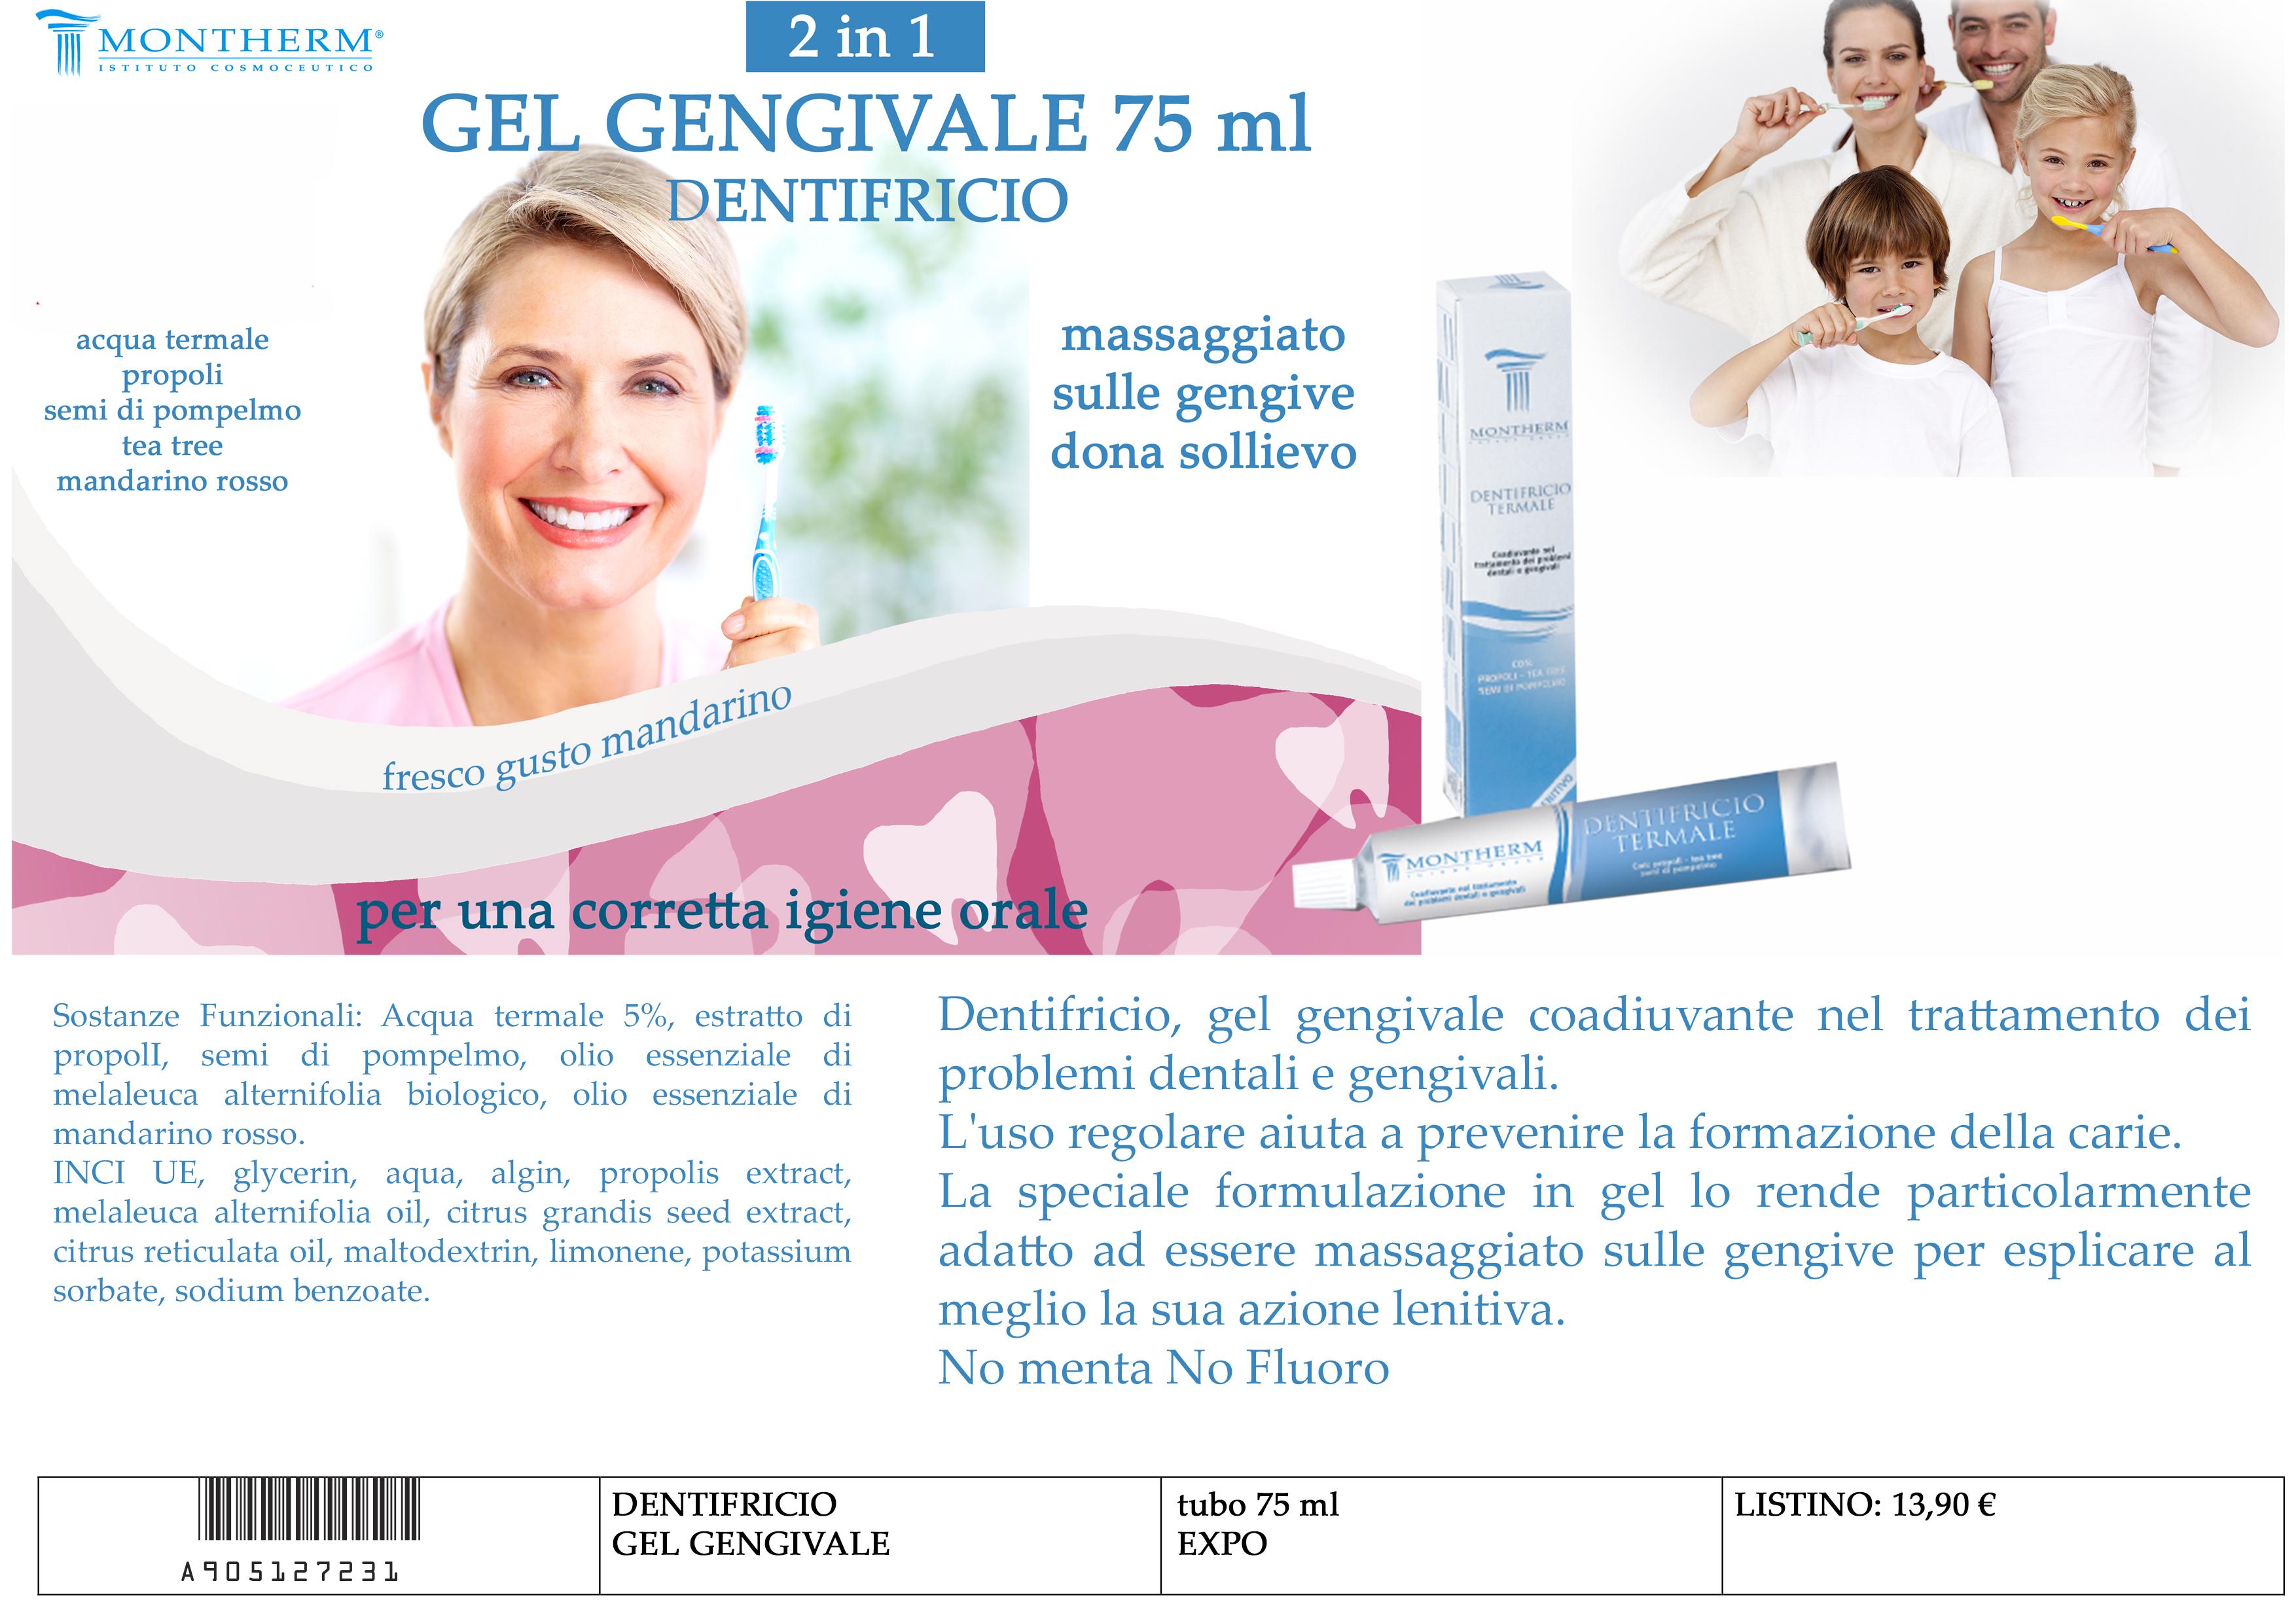 Scheda X catalogo dentifricio